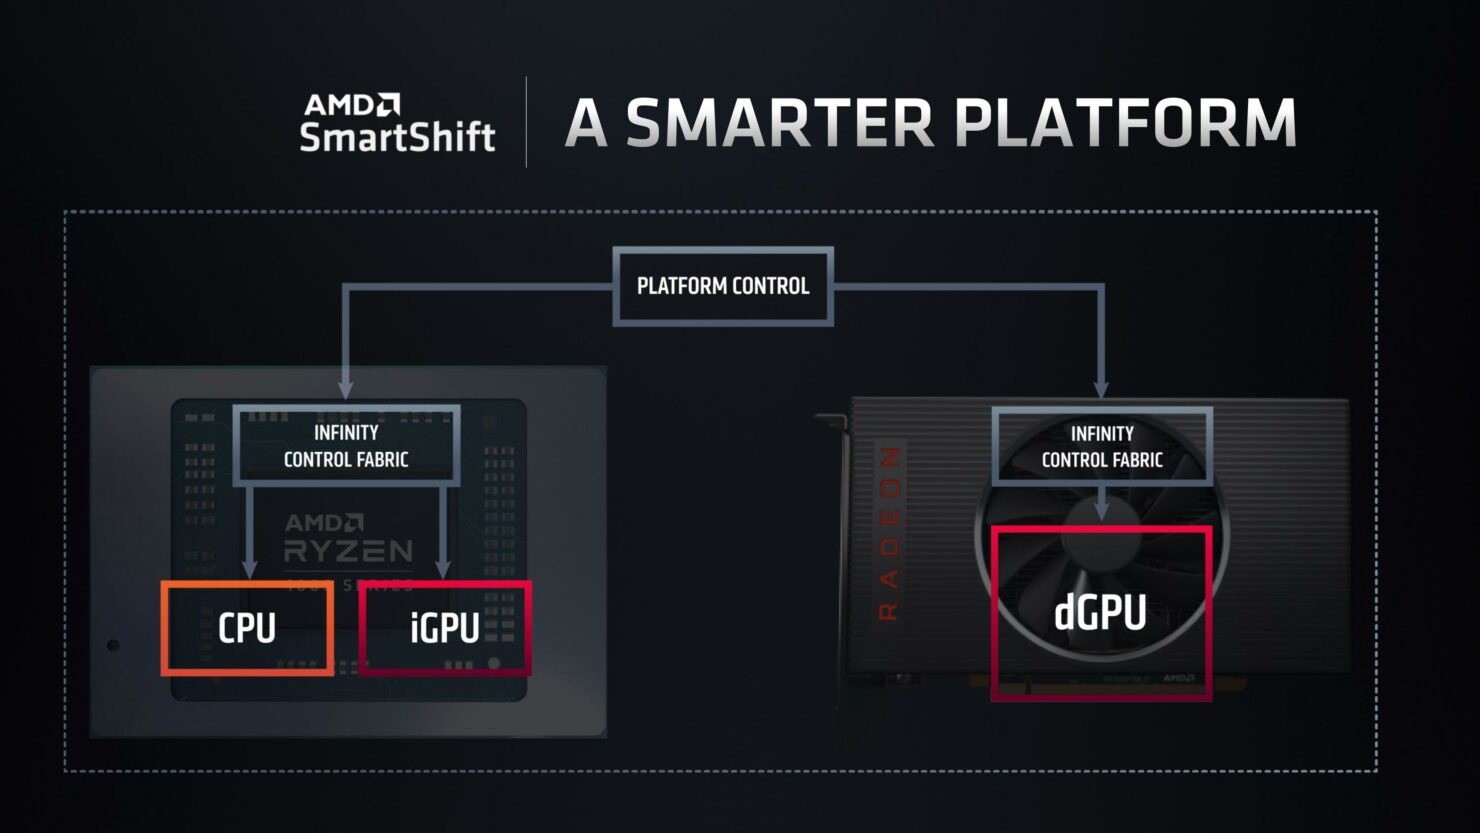 ¿Qué es el SmartShift de AMD y qué hace? 2